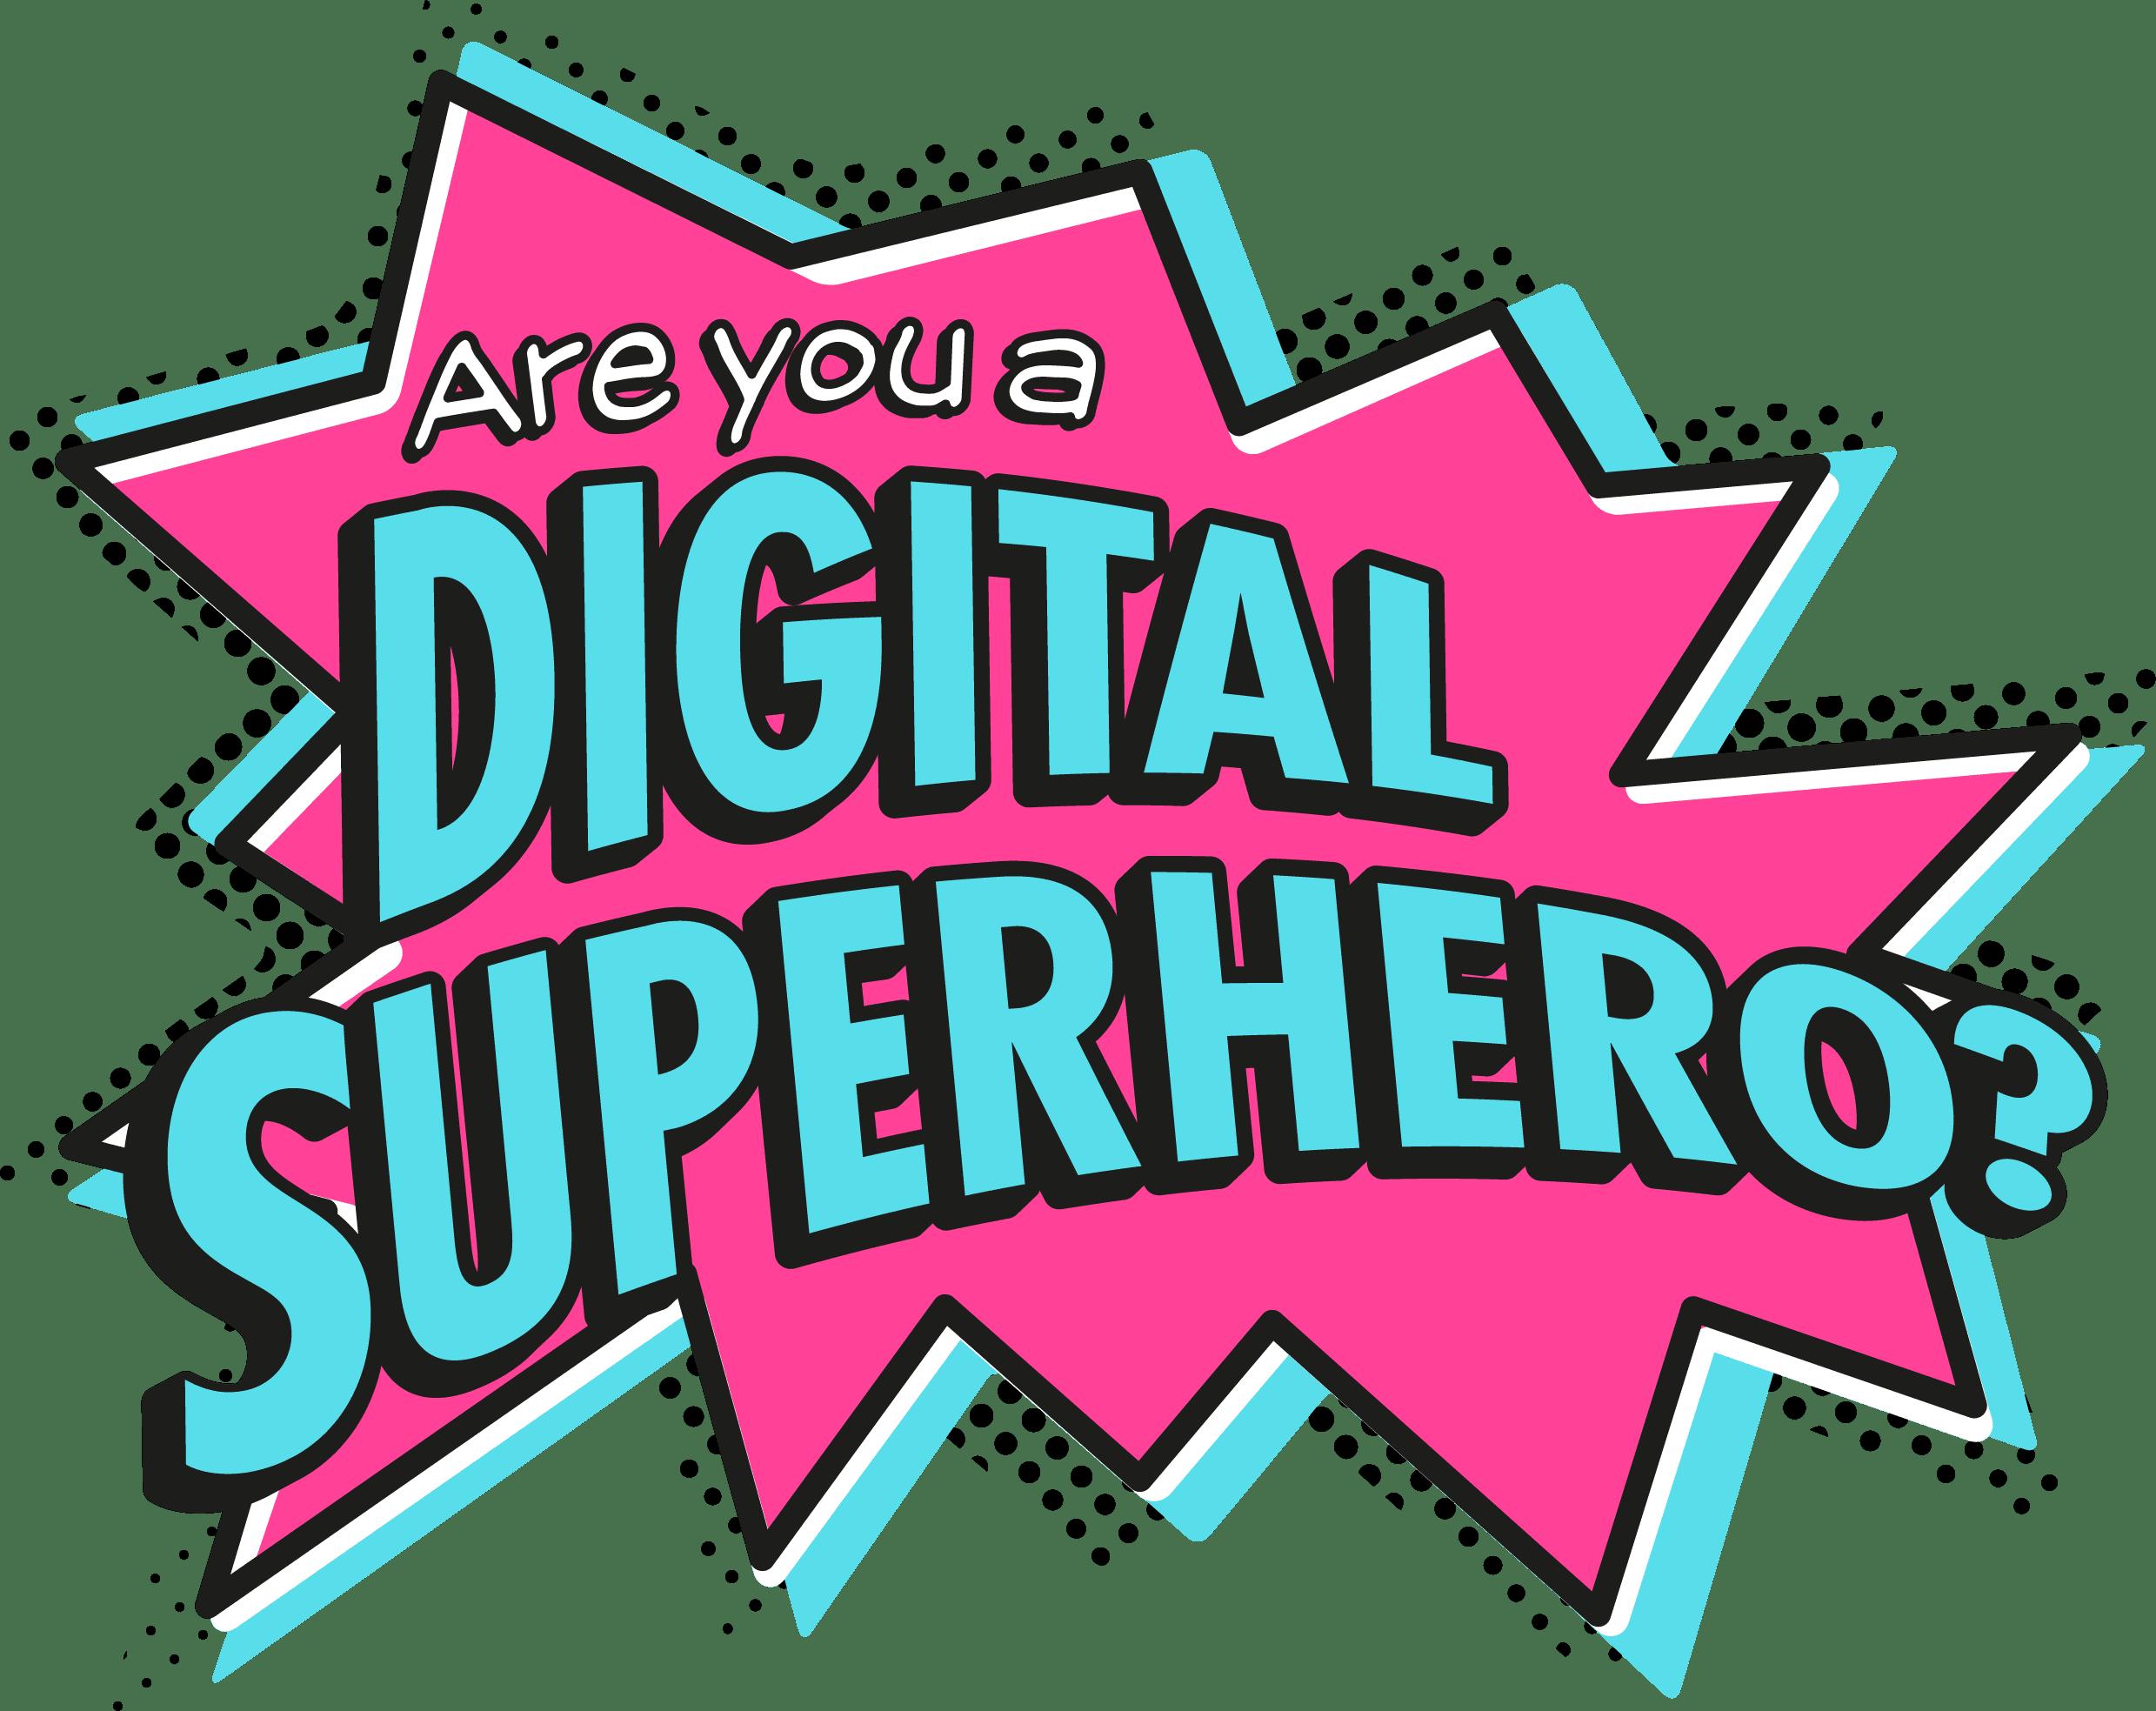 Are you a Digital Superhero